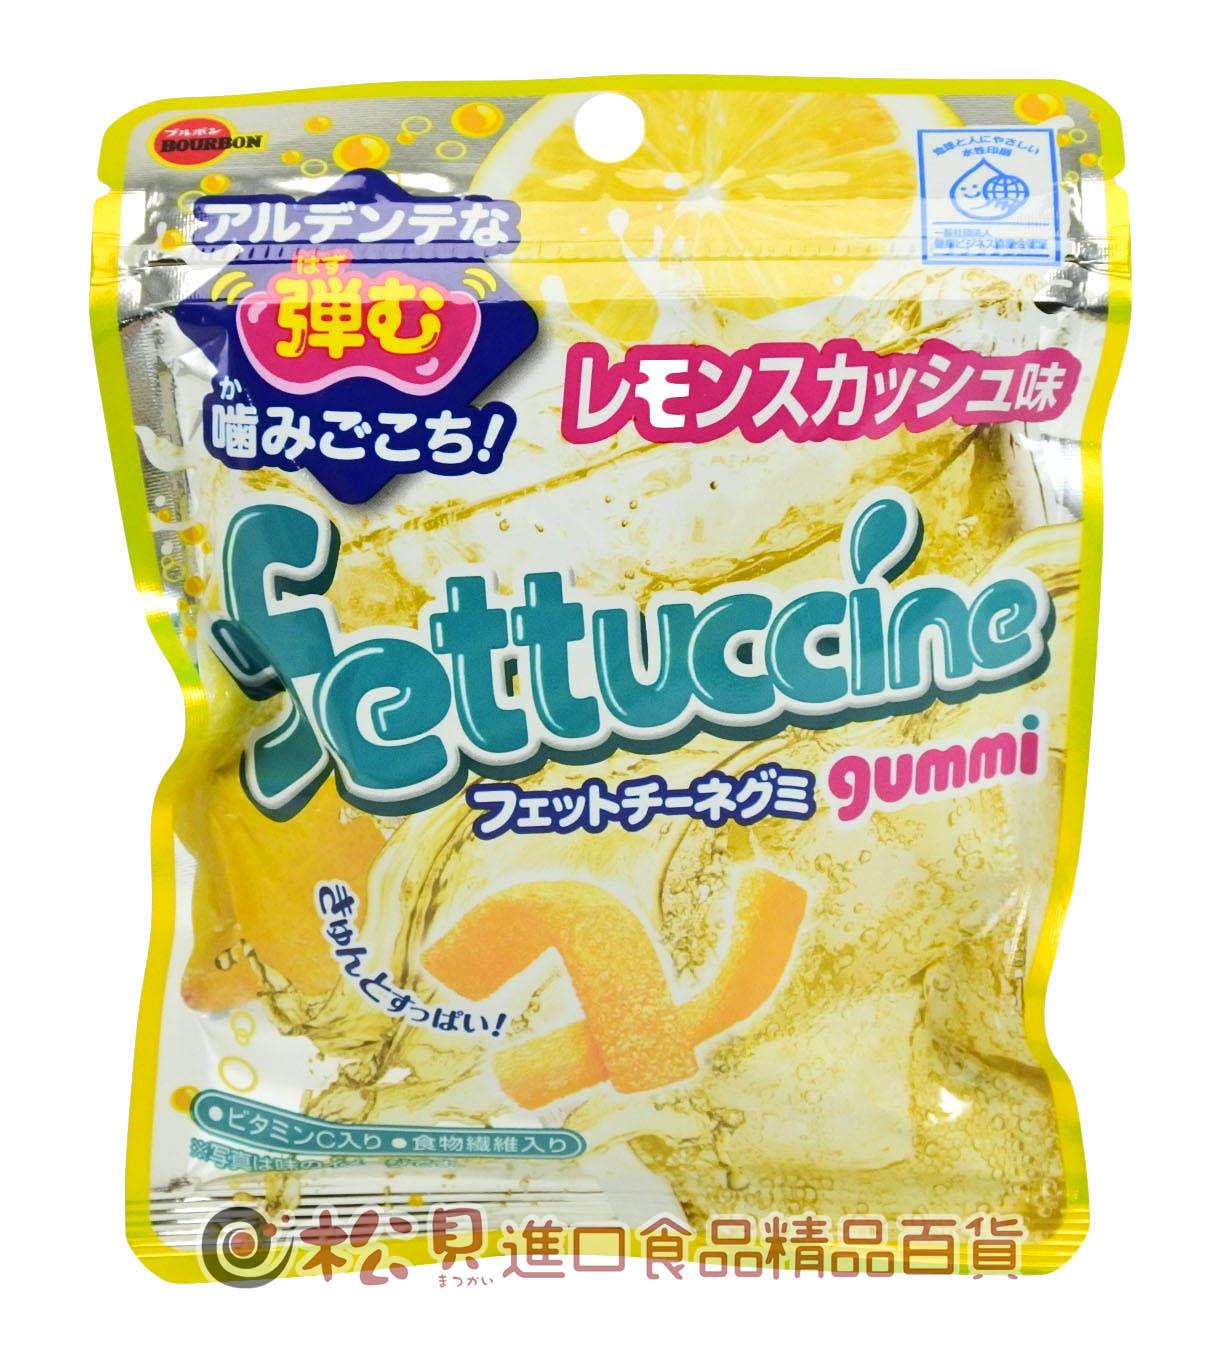 北日本長條檸檬蘇打軟糖50g【4901360330041】